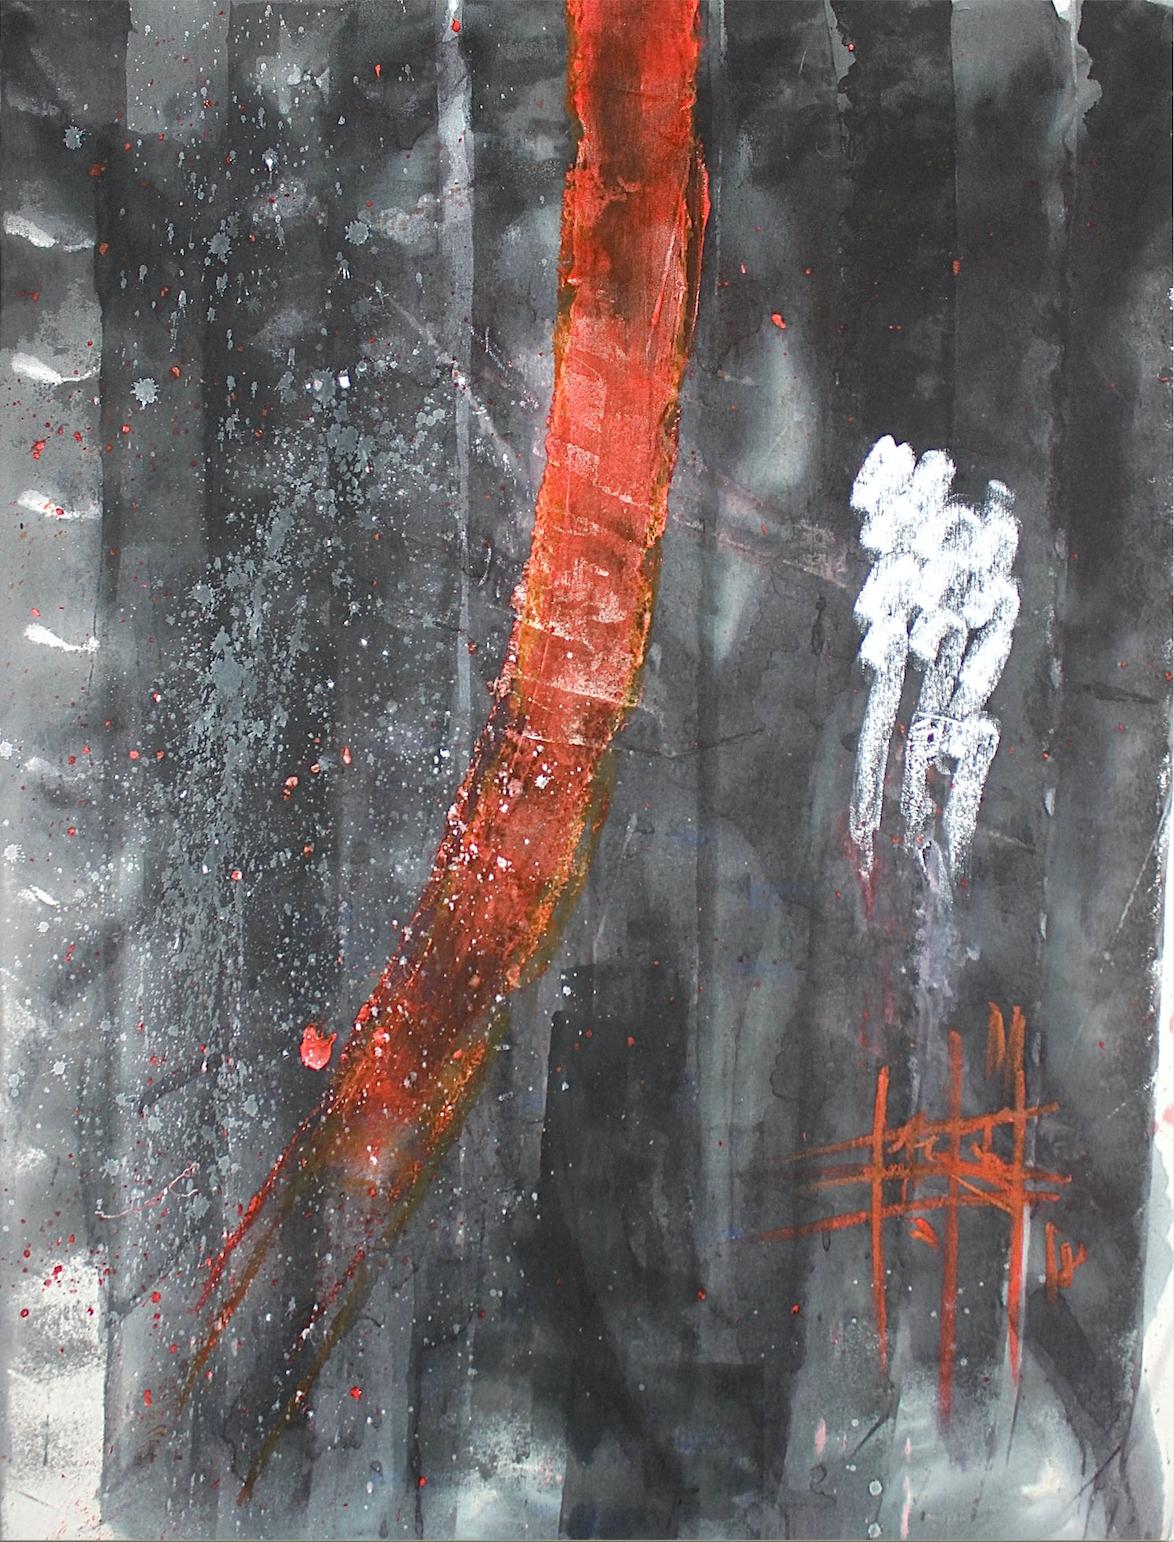 Firouz Farmanfarmaian, Totem II, plastic, pigment, wax and oil on canvas, 130 x 100 cm, 2018